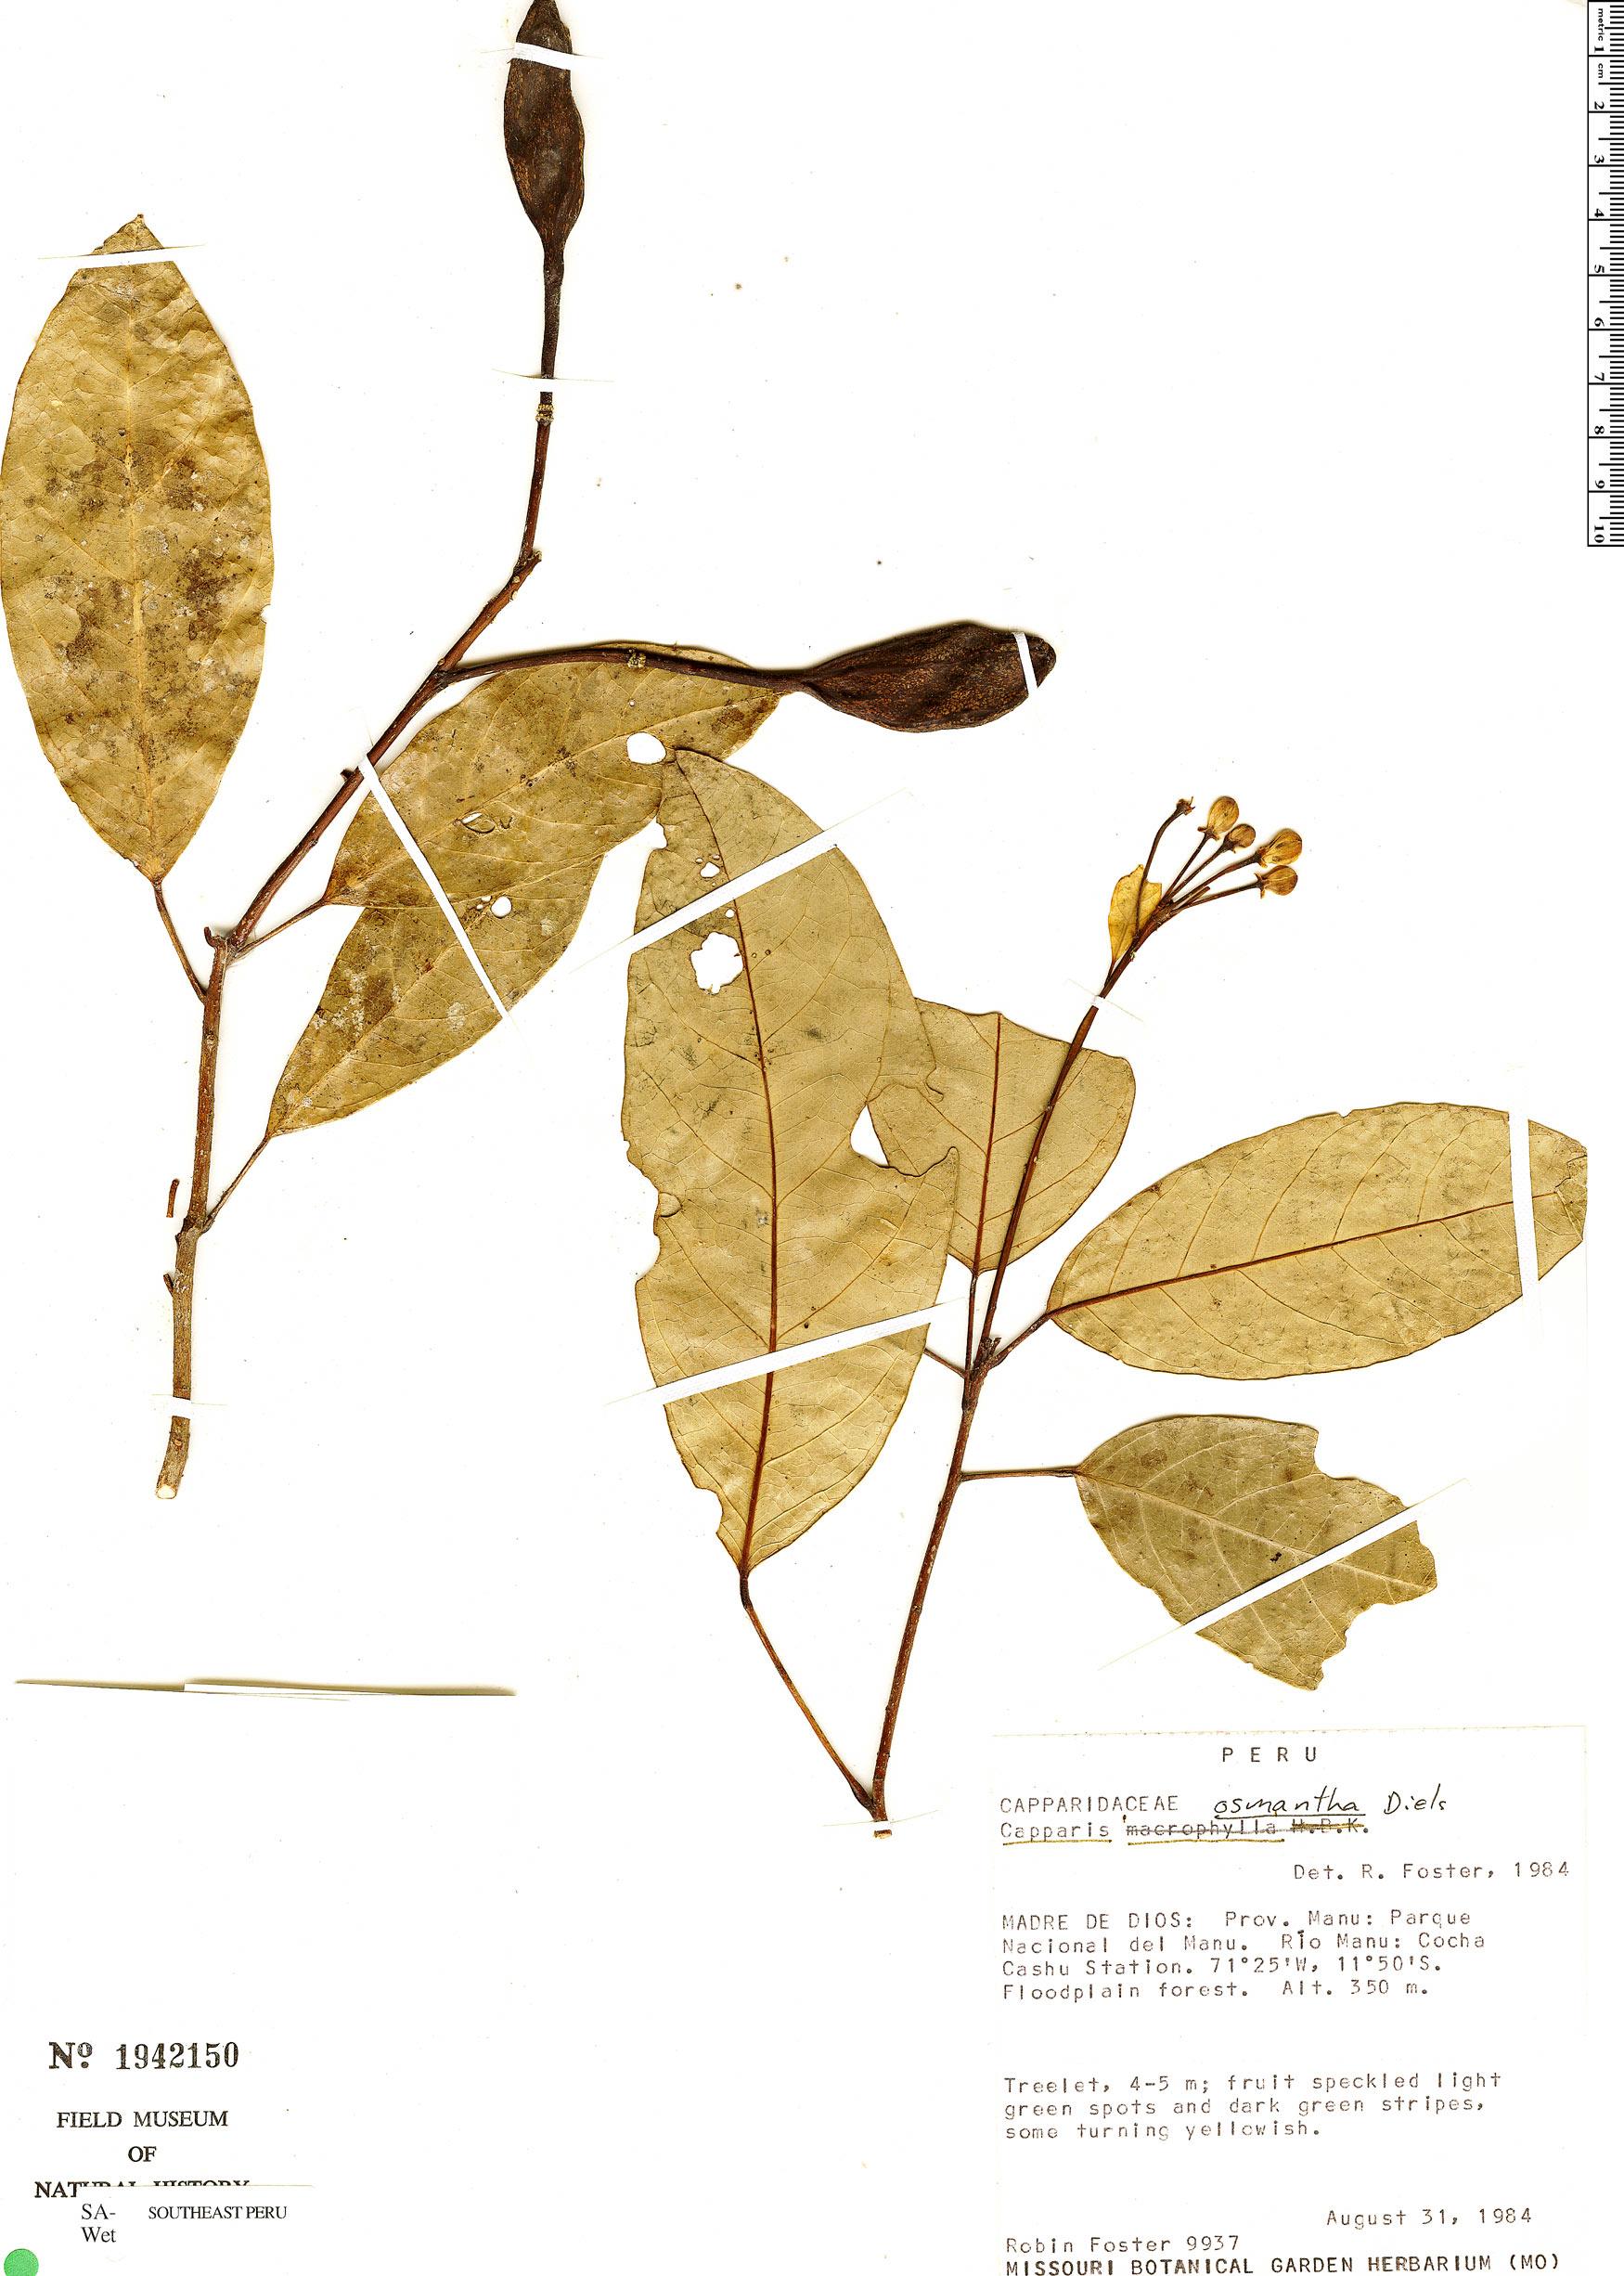 Specimen: Capparidastrum osmanthum